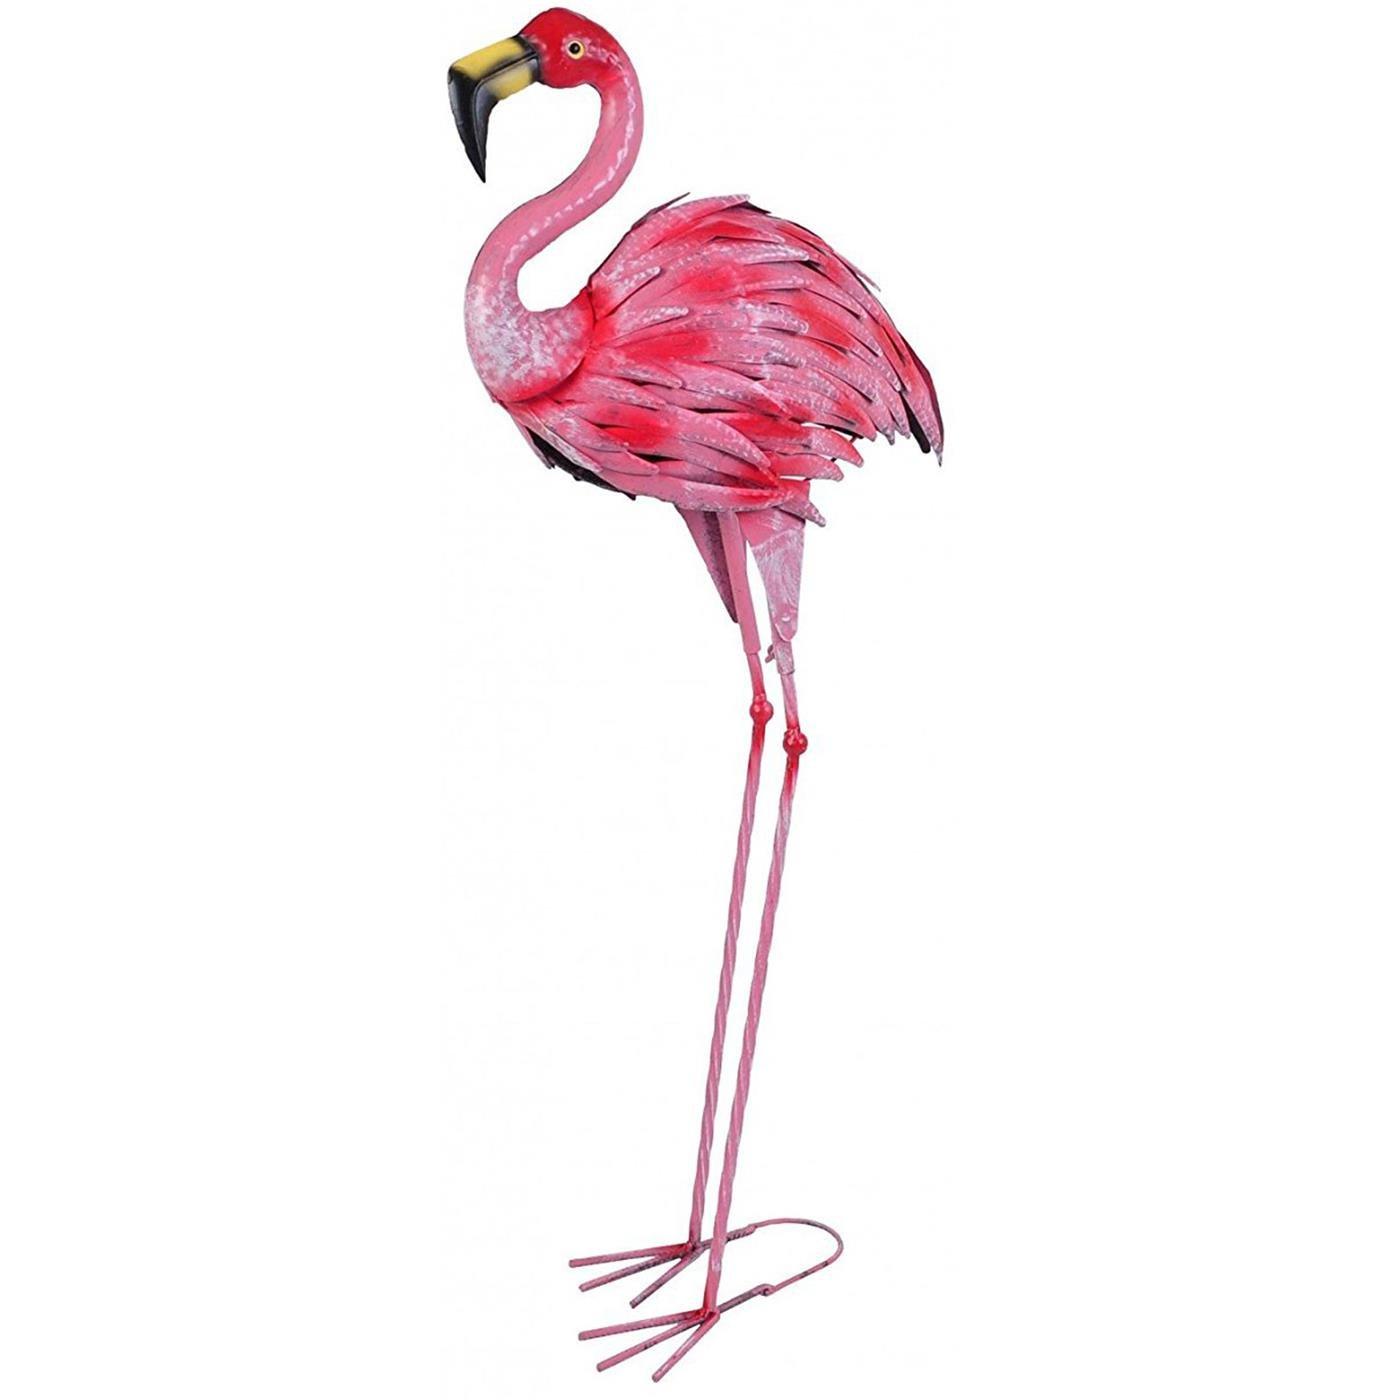 Gartenstecker Flamingo Gartendeko Teichdeko